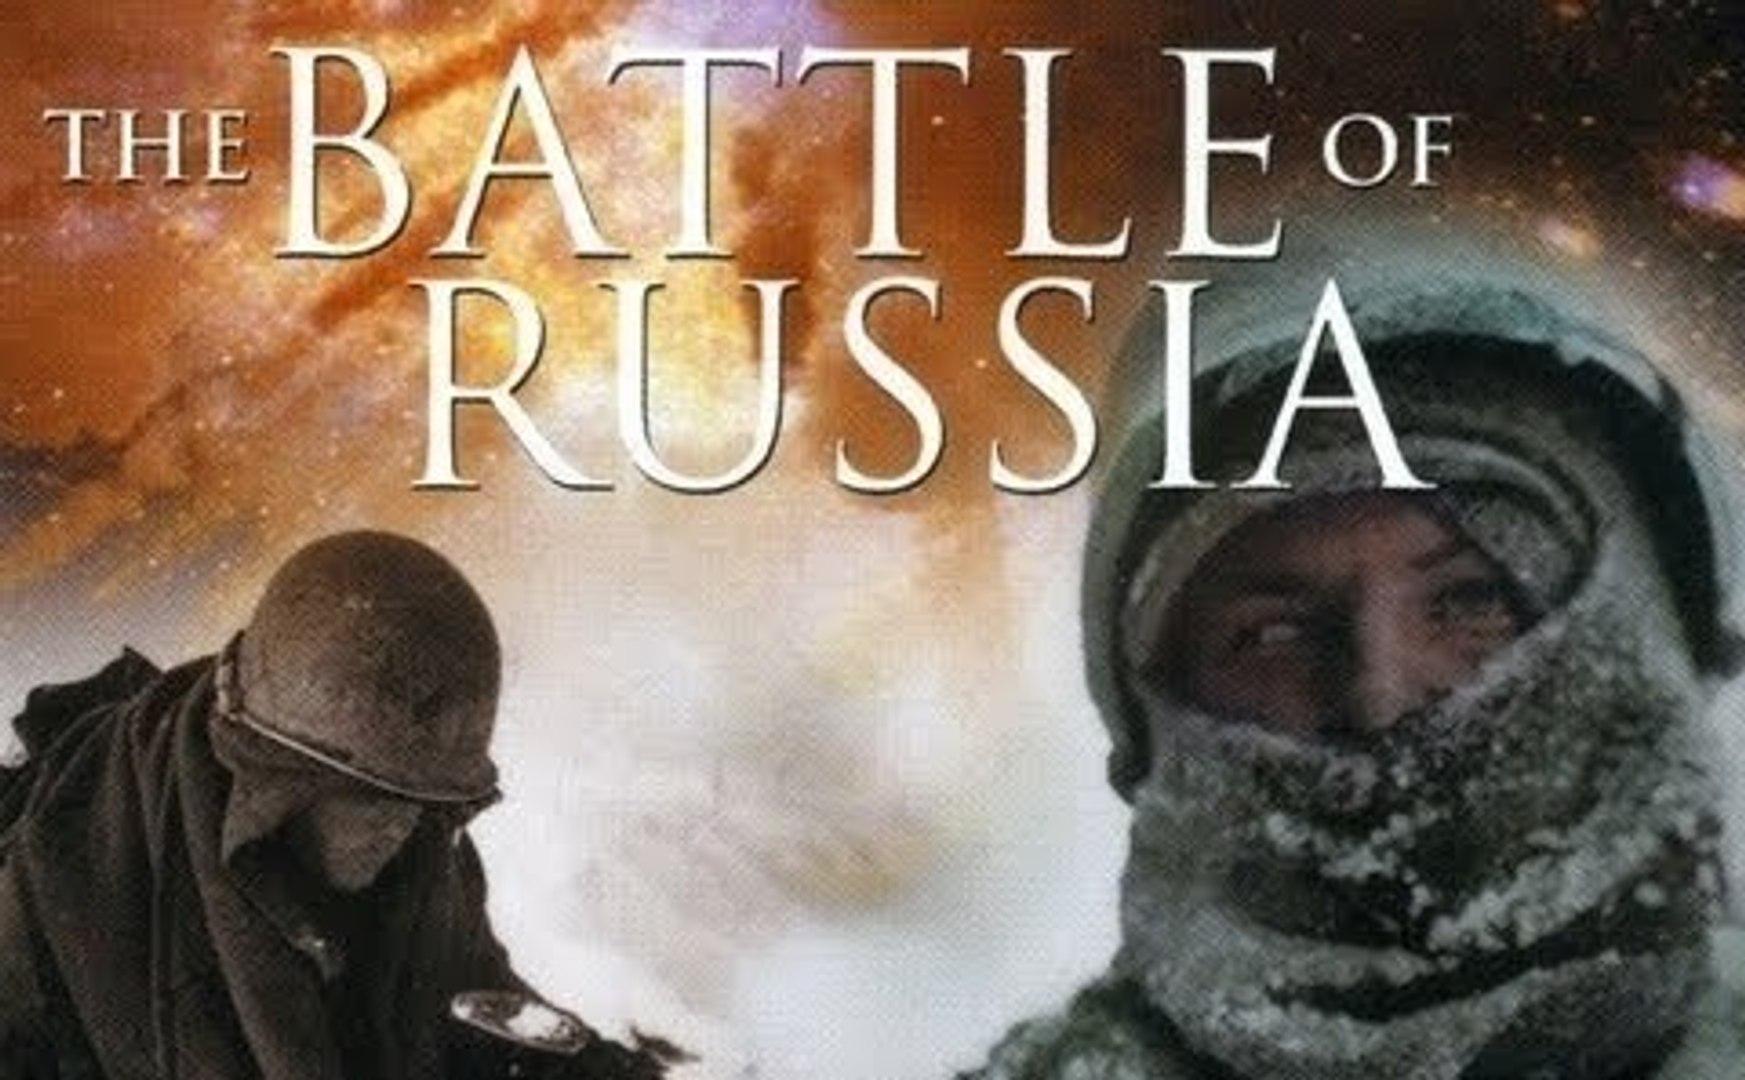 Вторая мировая: Битва за Россию 1 (Почему мы сражаемся 5-1) - 1943  Документальный фильм